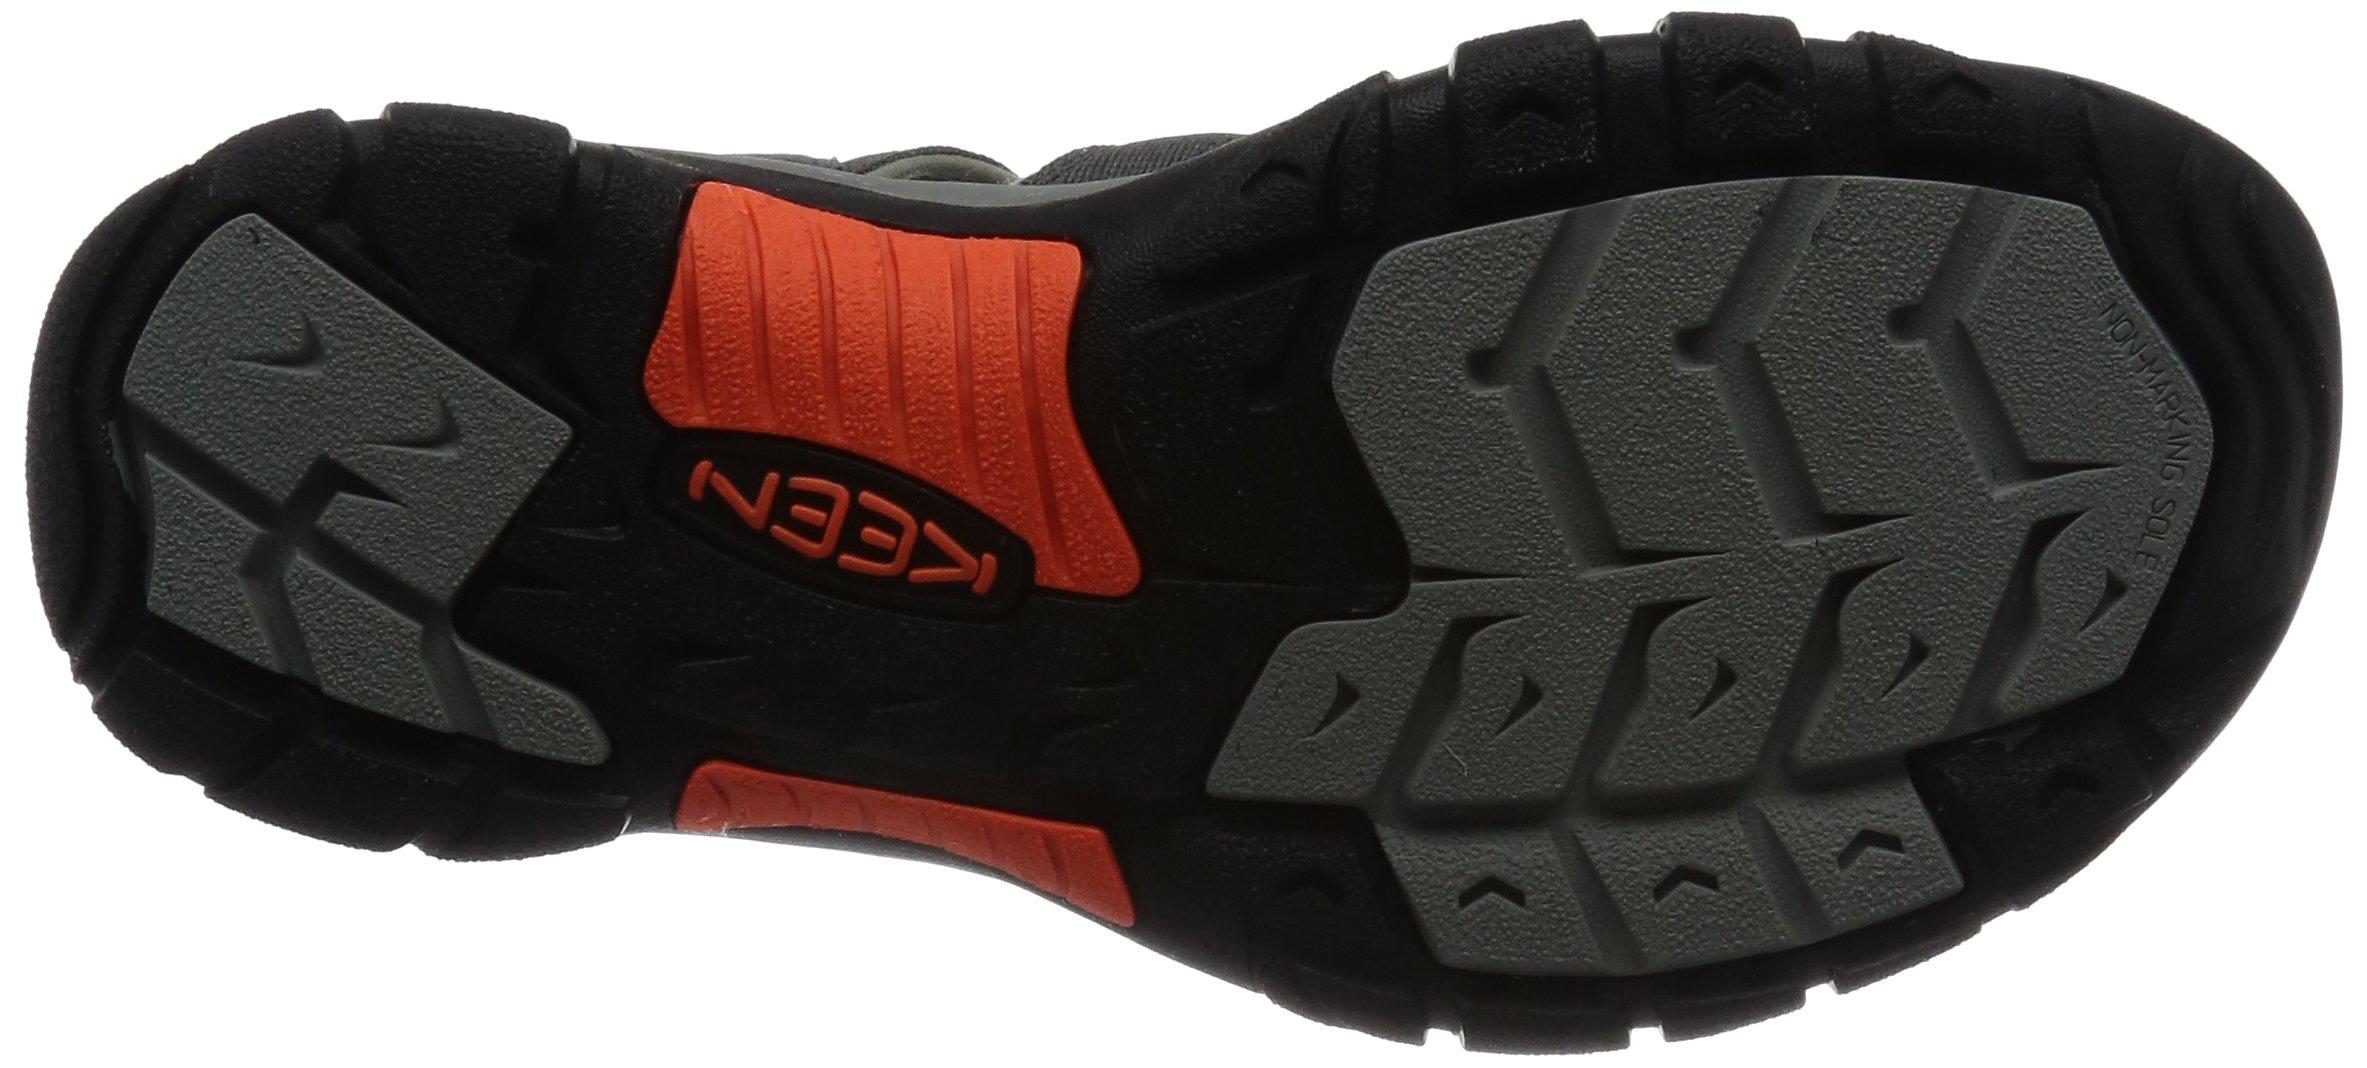 KEEN Men's Newport H2 Hiking Shoe, Magnet/Nasturtium, 15 M US by Keen (Image #3)